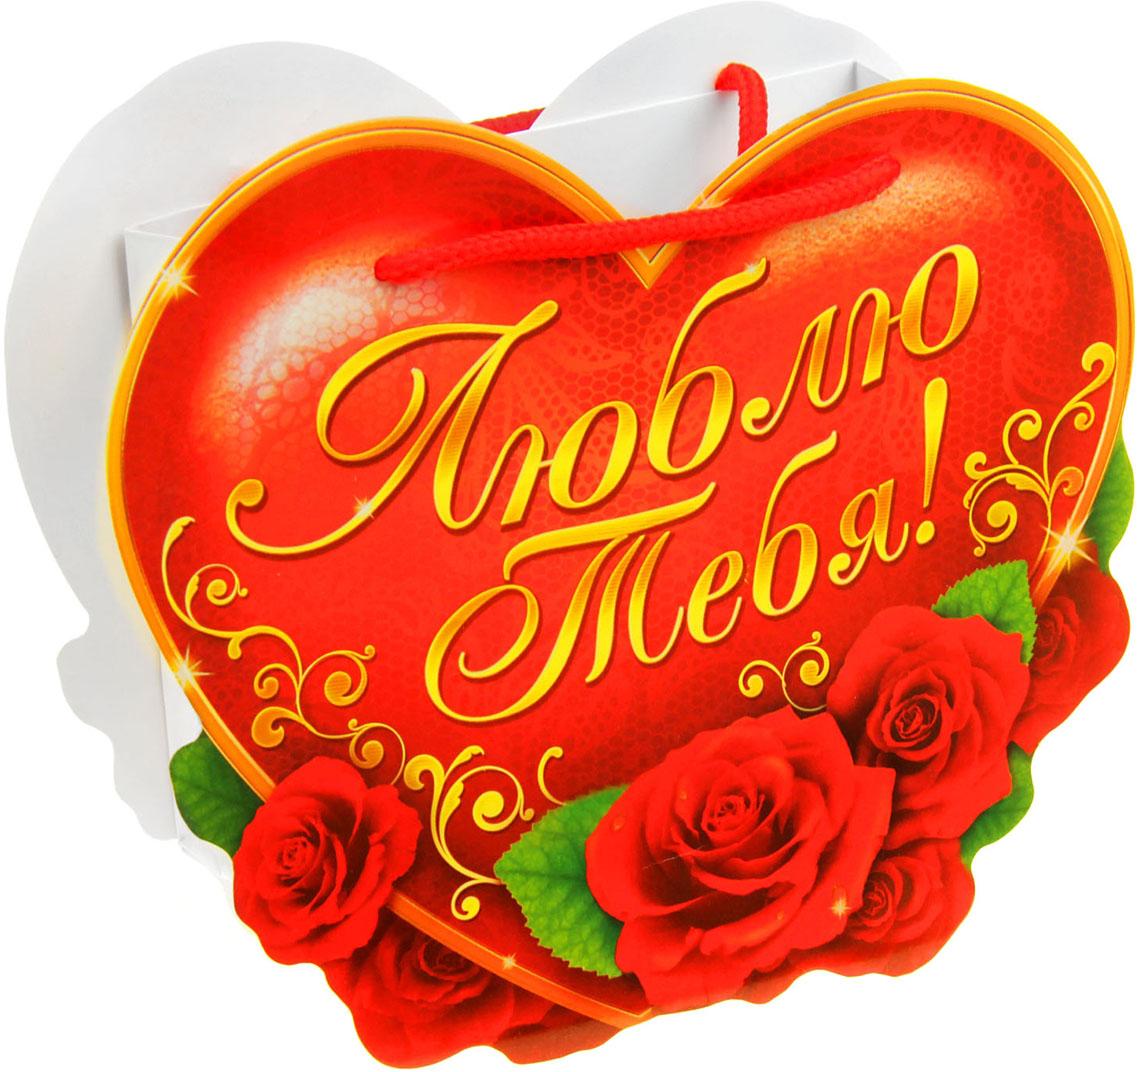 Пакет-открытка подарочный Дарите Счастье Люблю тебя, цвет: мультиколор, 6 х 15 х 12 см. 849263 постельное белье tango постельное белье page 1 5 спал